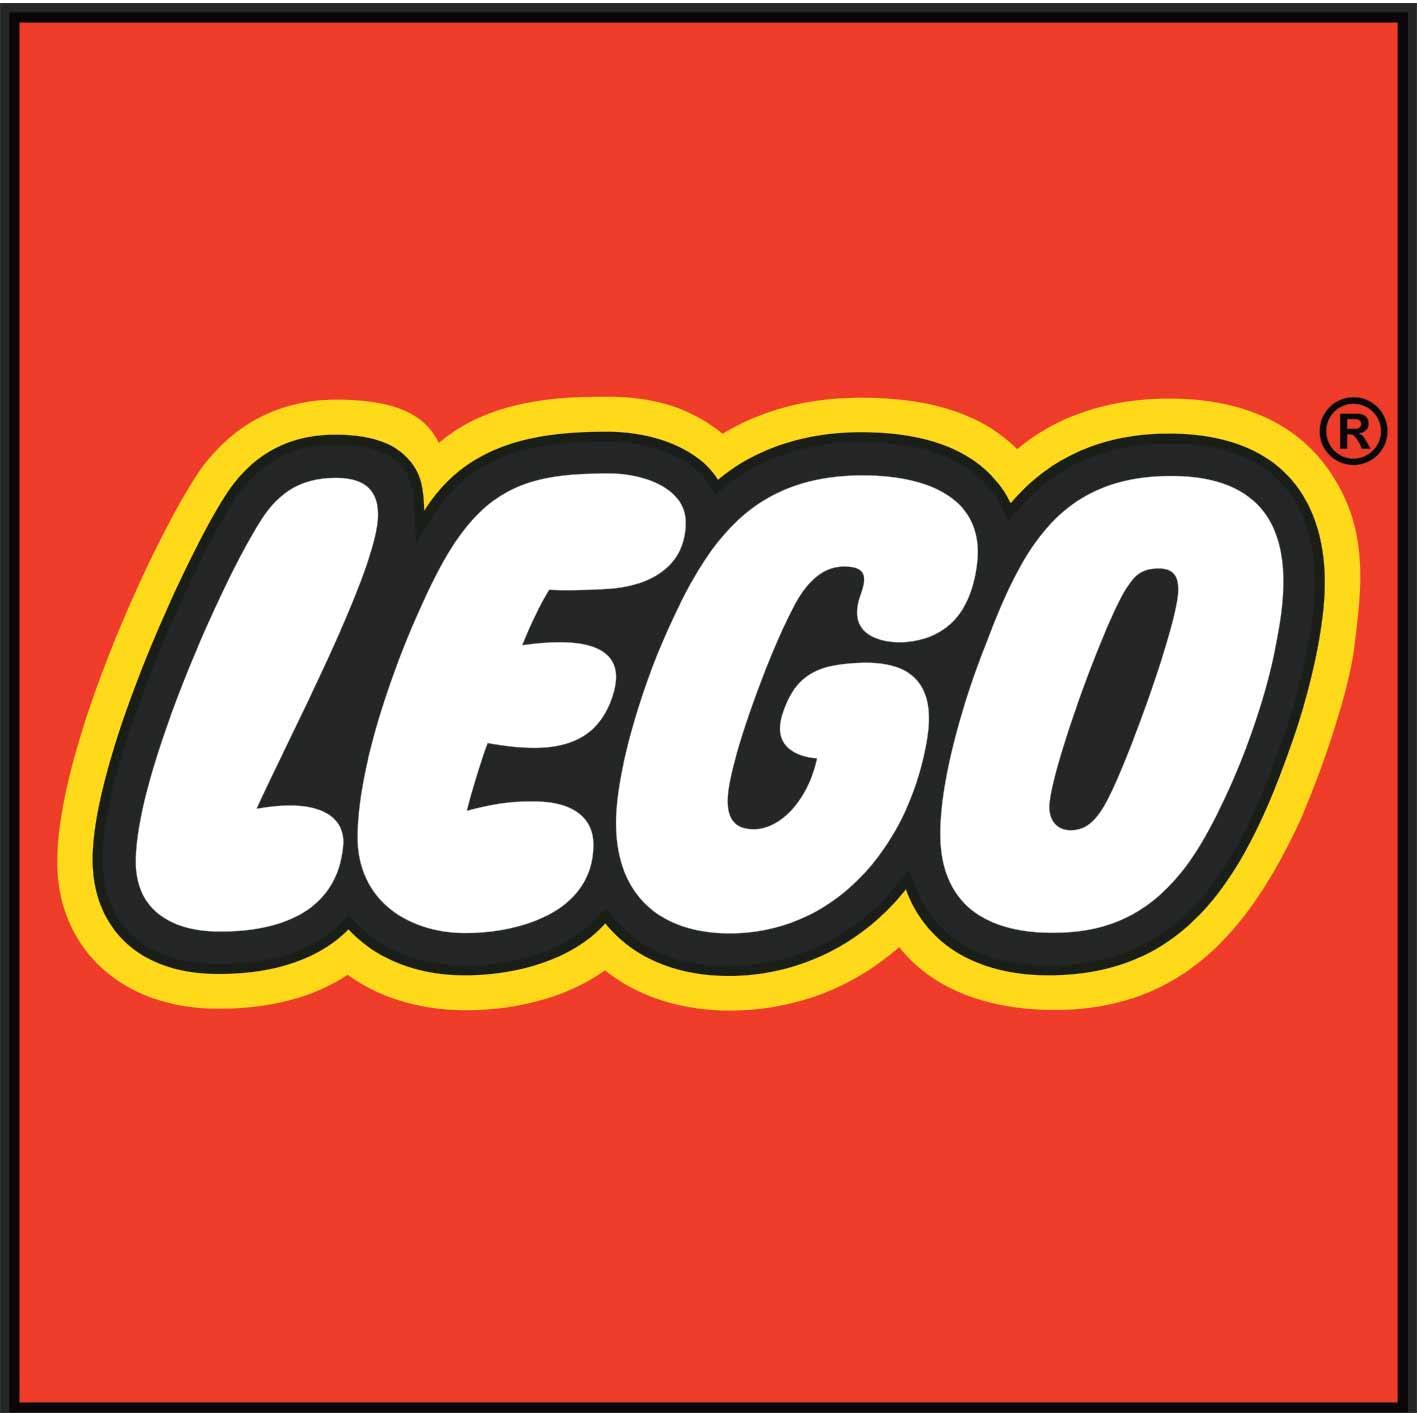 LEGOConstrucción